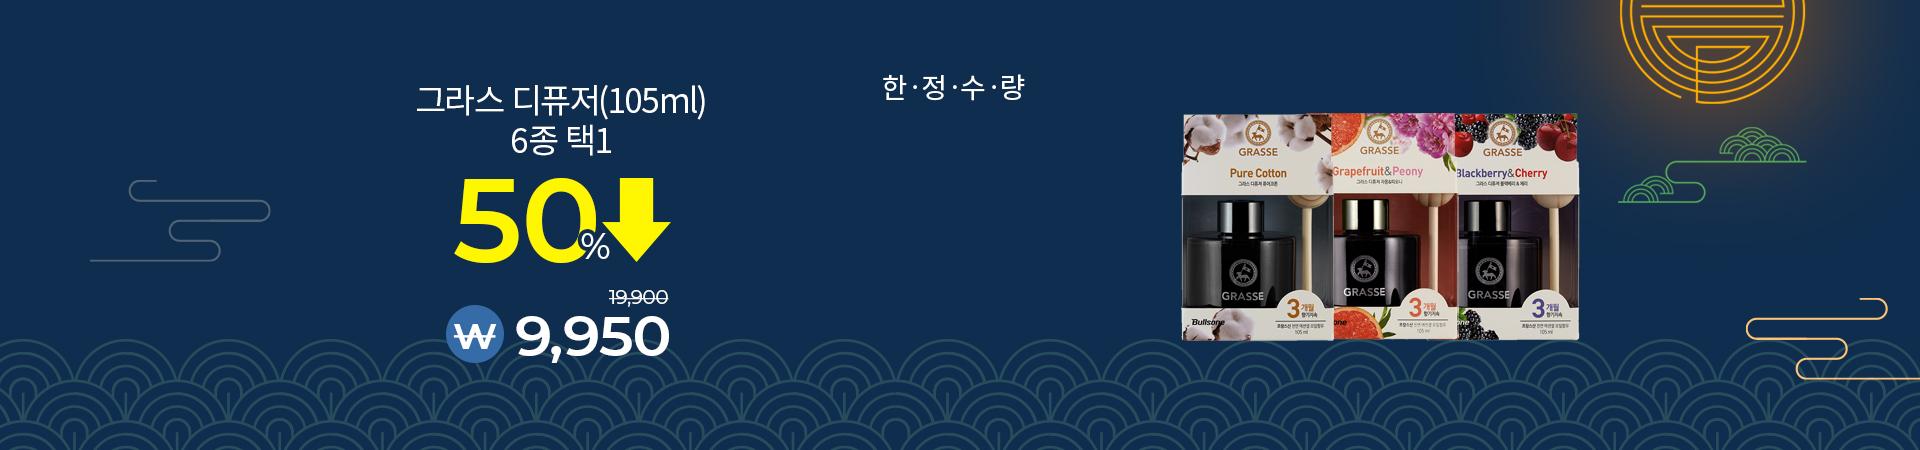 추석 9/30 그라스디퓨저105